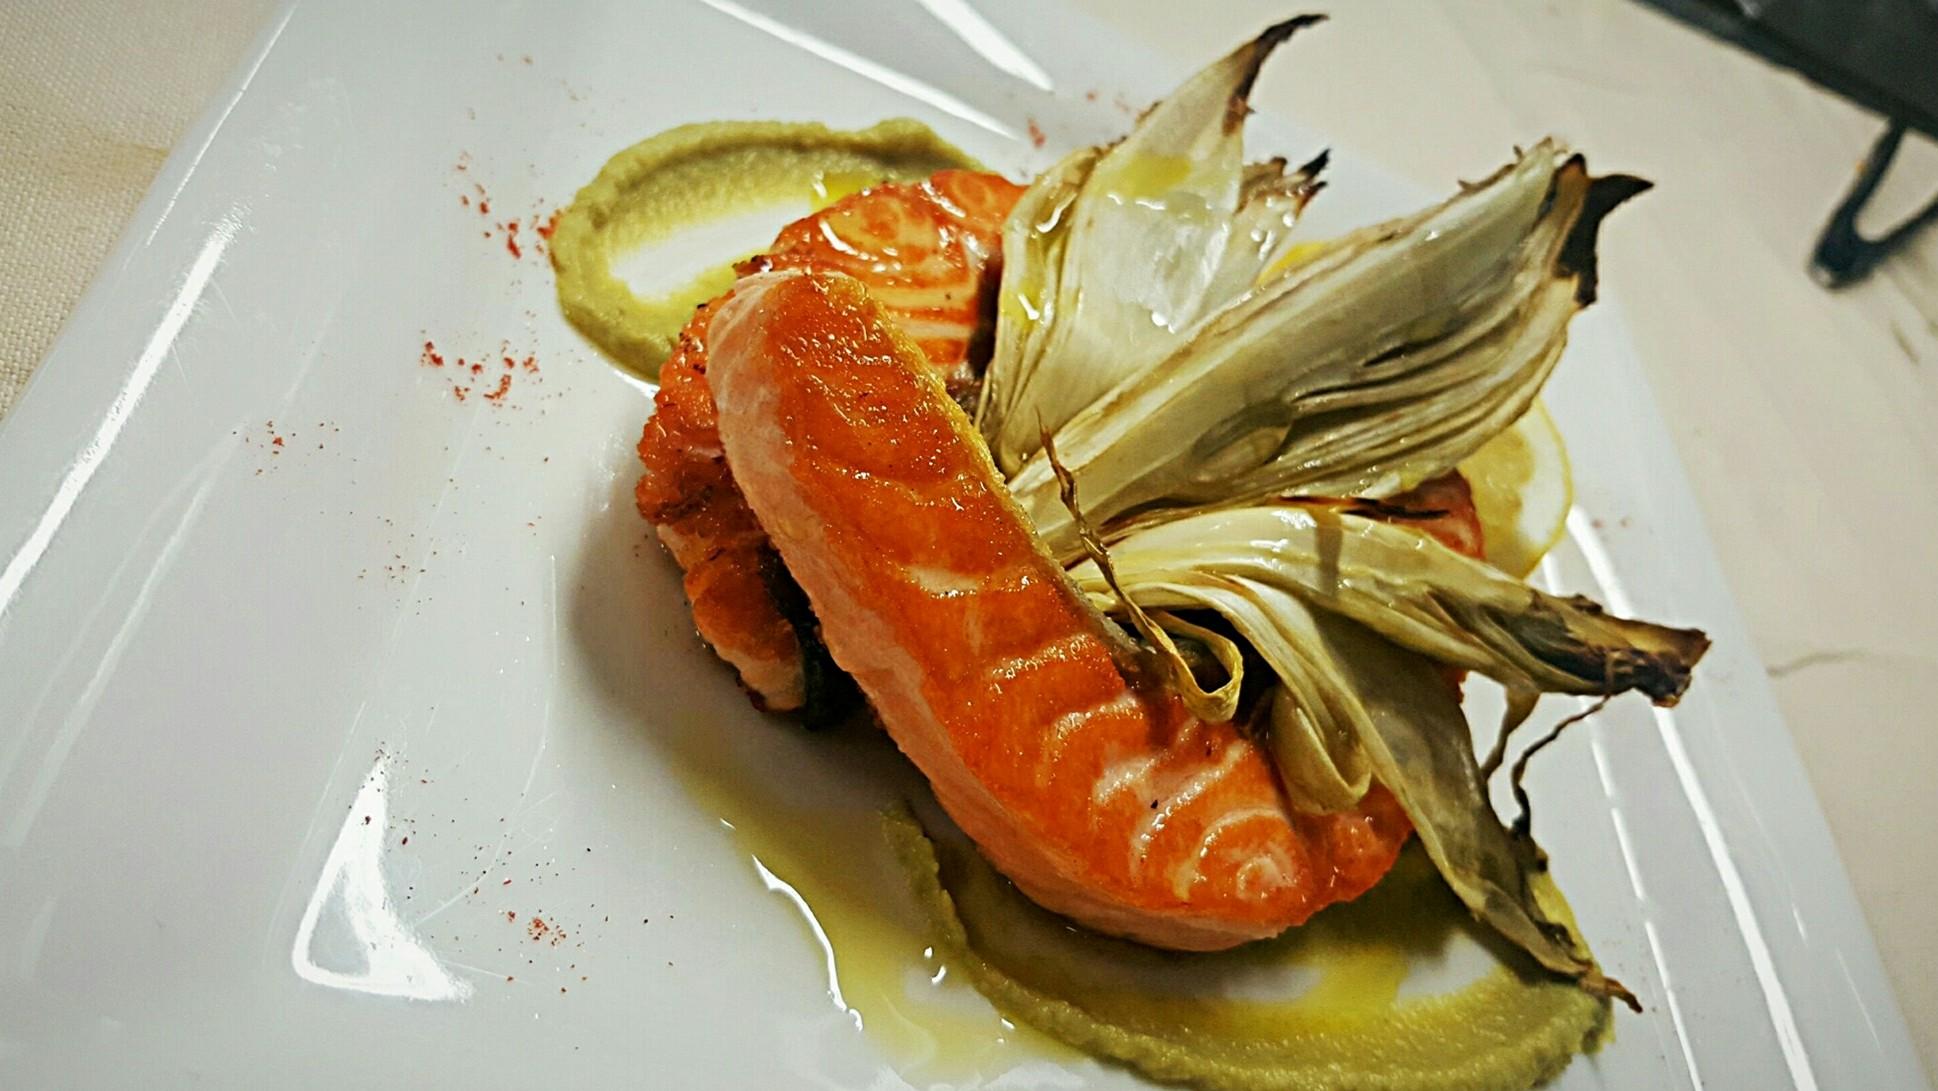 salmone_ristorante_mediterraneo_cesano_maderno